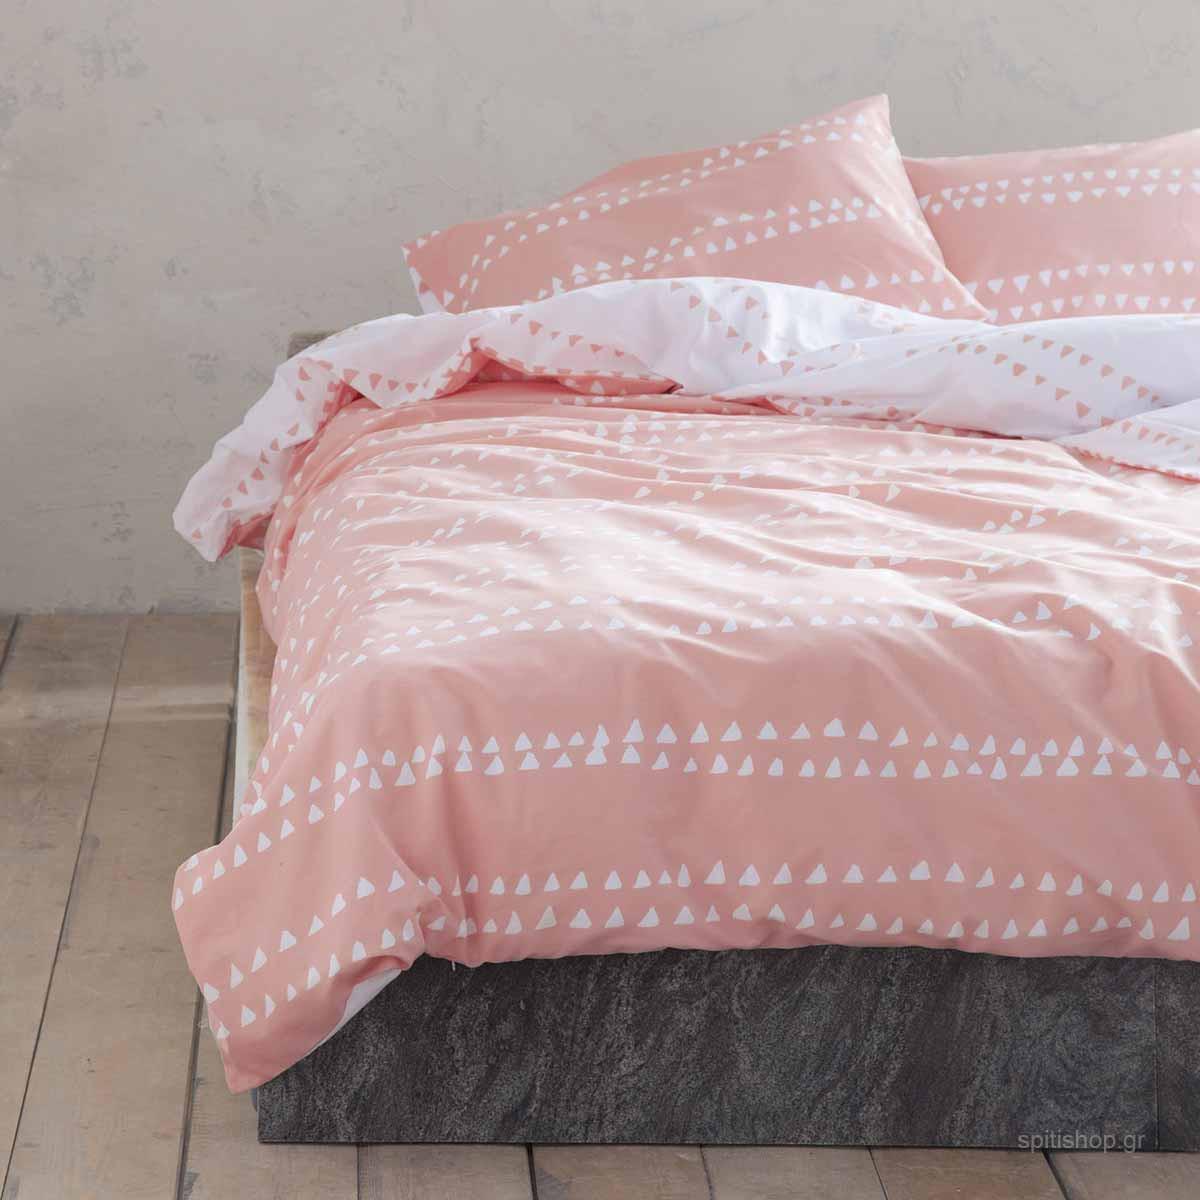 Ζεύγος Μαξιλαροθήκες Nima Bed Linen Natal Pink